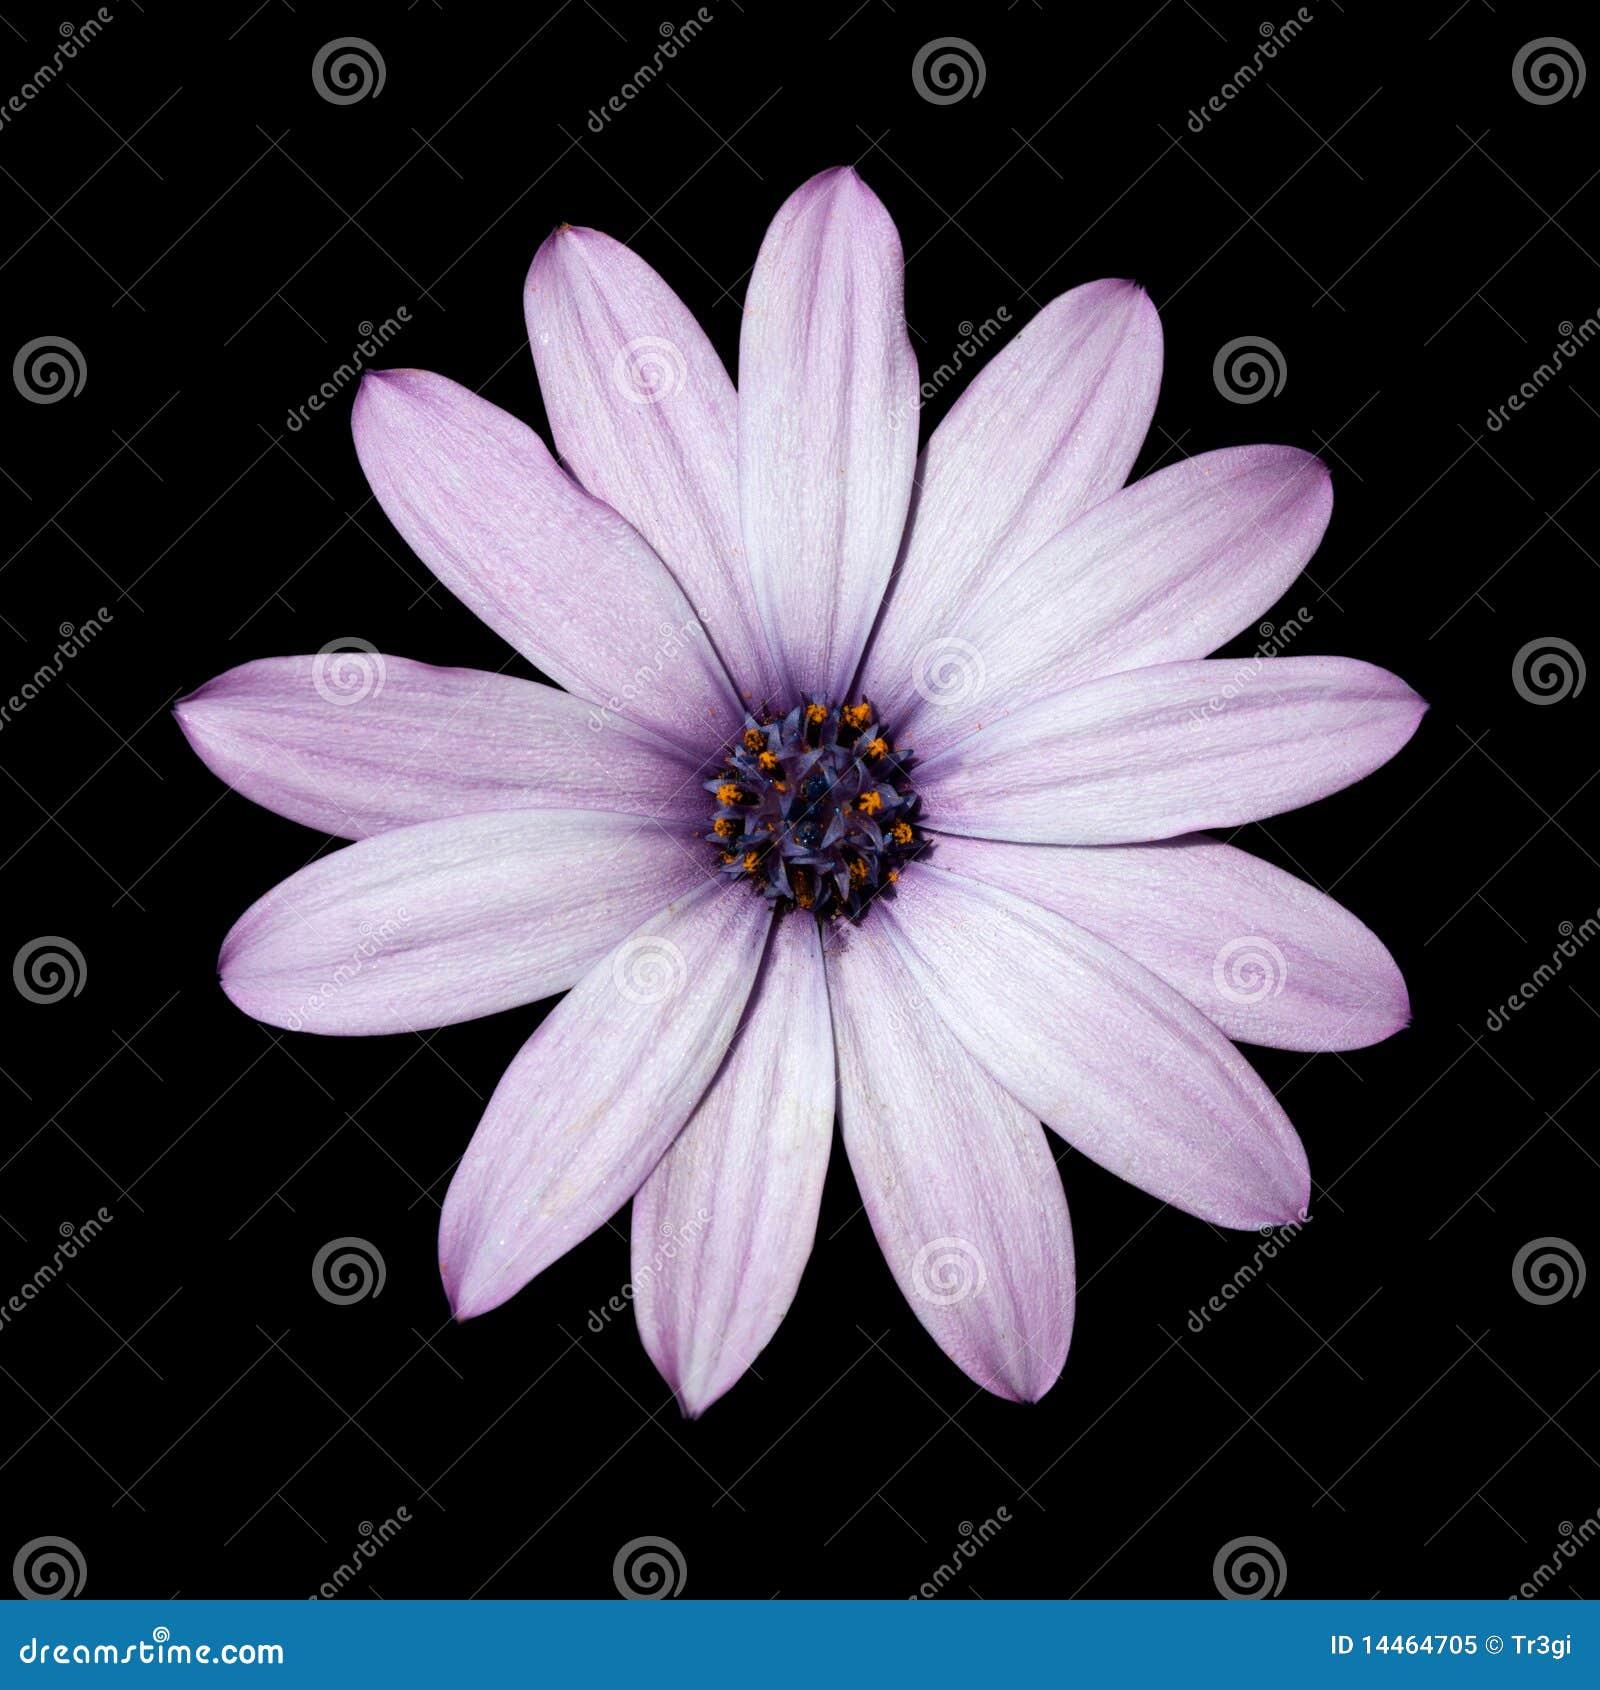 Odeur jardin : parfums - choix plantes - fleurs - idées